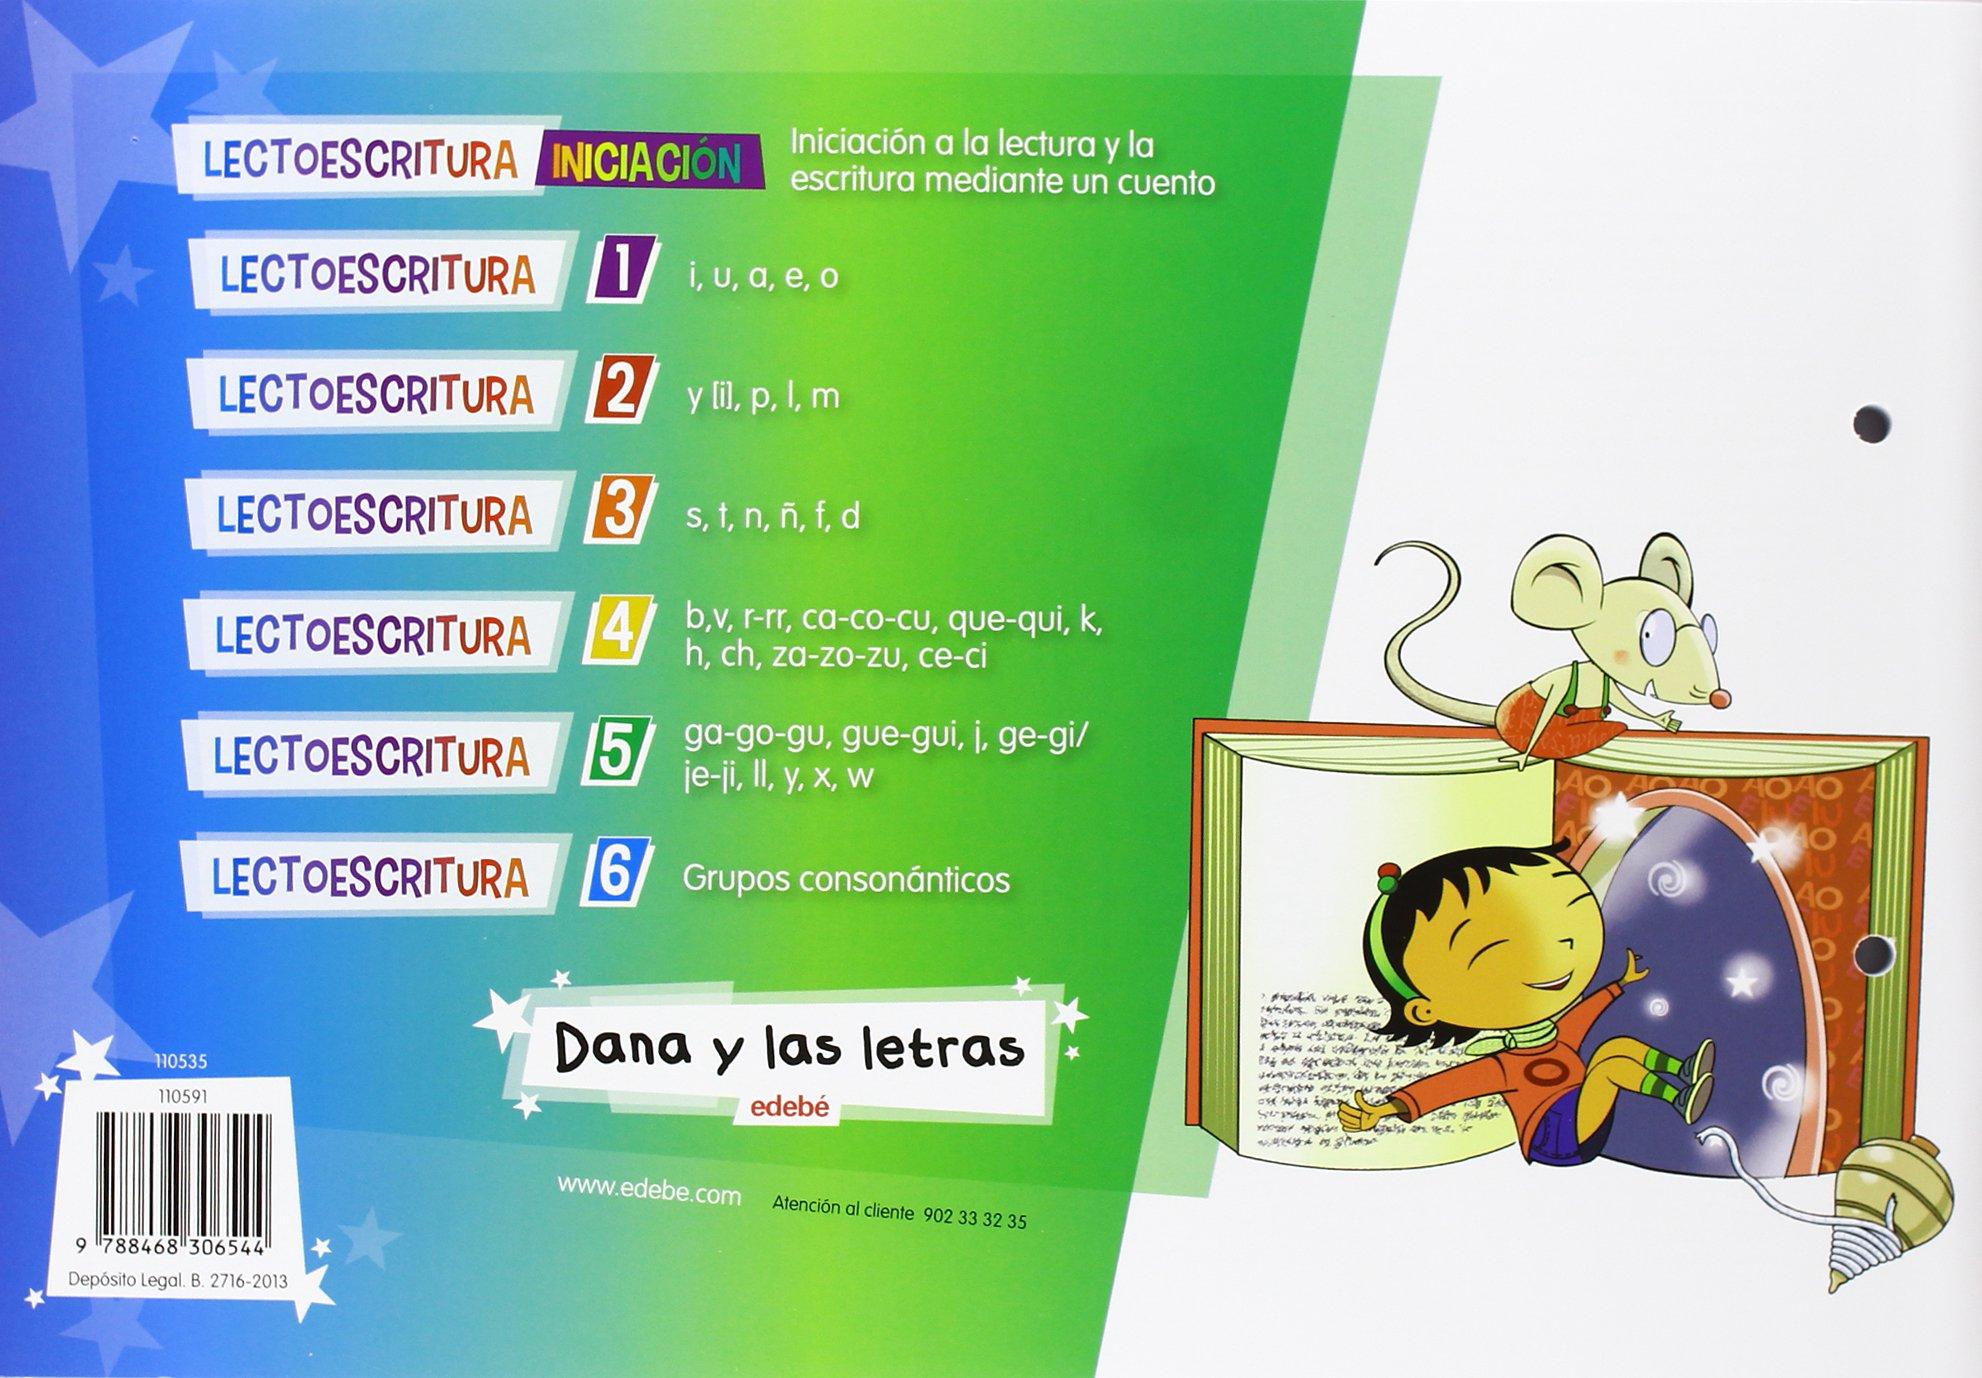 LECTOESCRITURA CUADERNO 4 + 1 CUENTO - 9788468306544: Amazon.es: Obra  Colectiva Edebé: Libros